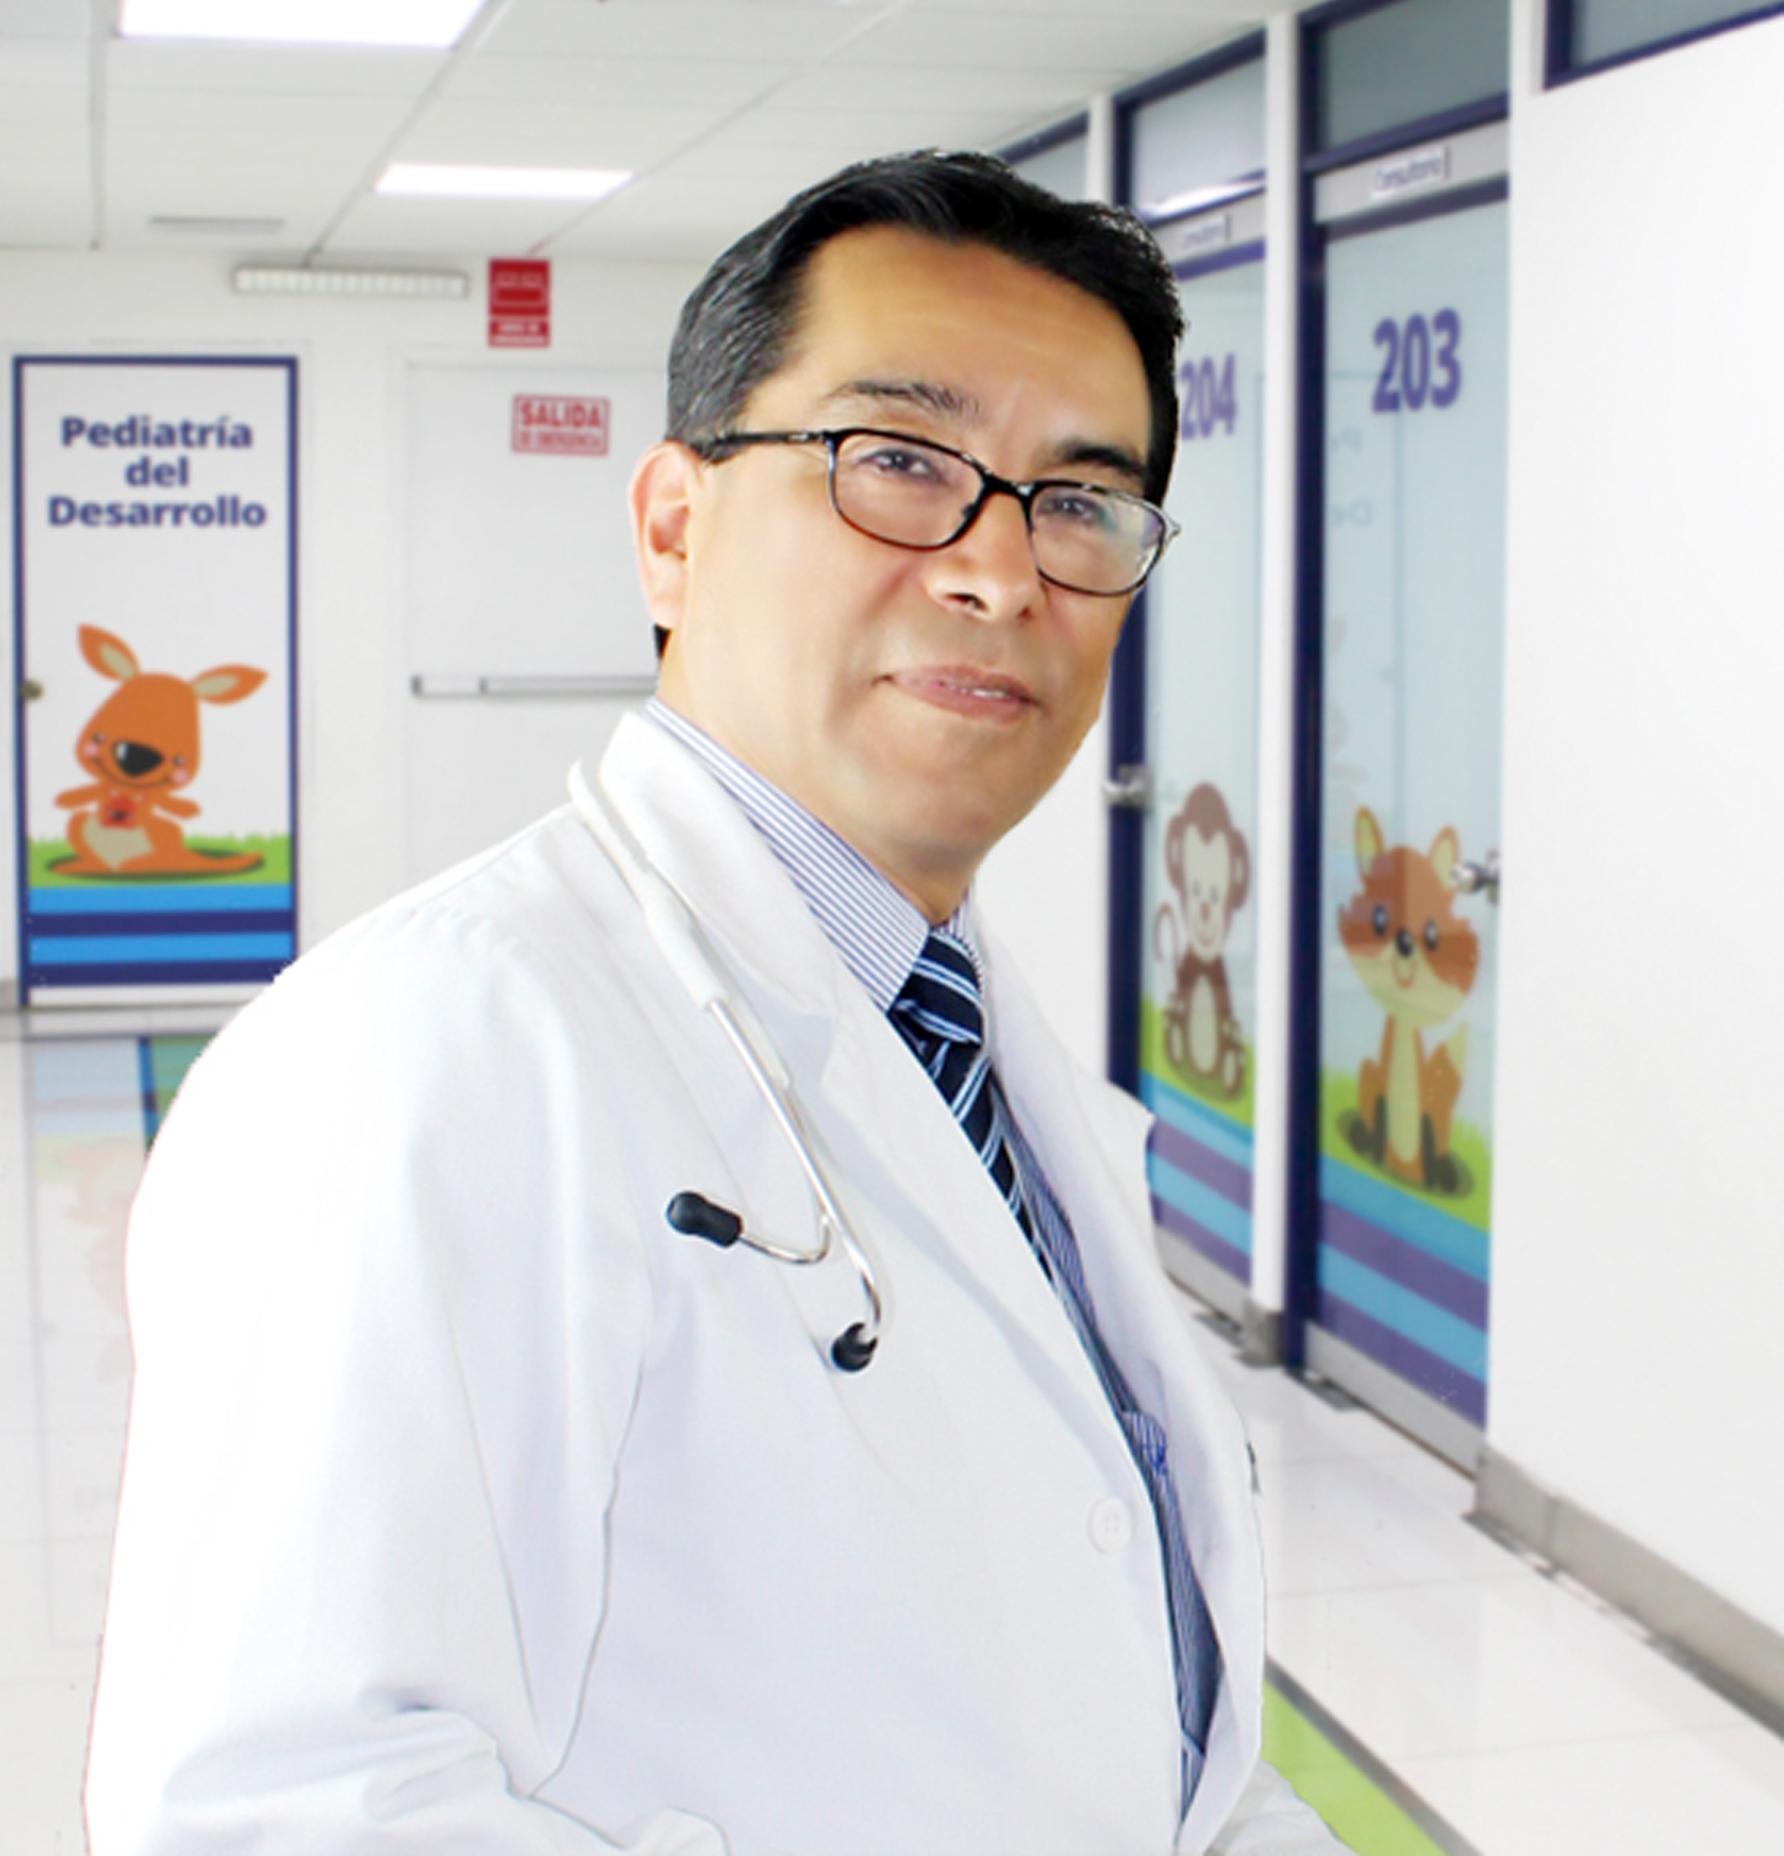 Dr. Oscar Espinoza Robles